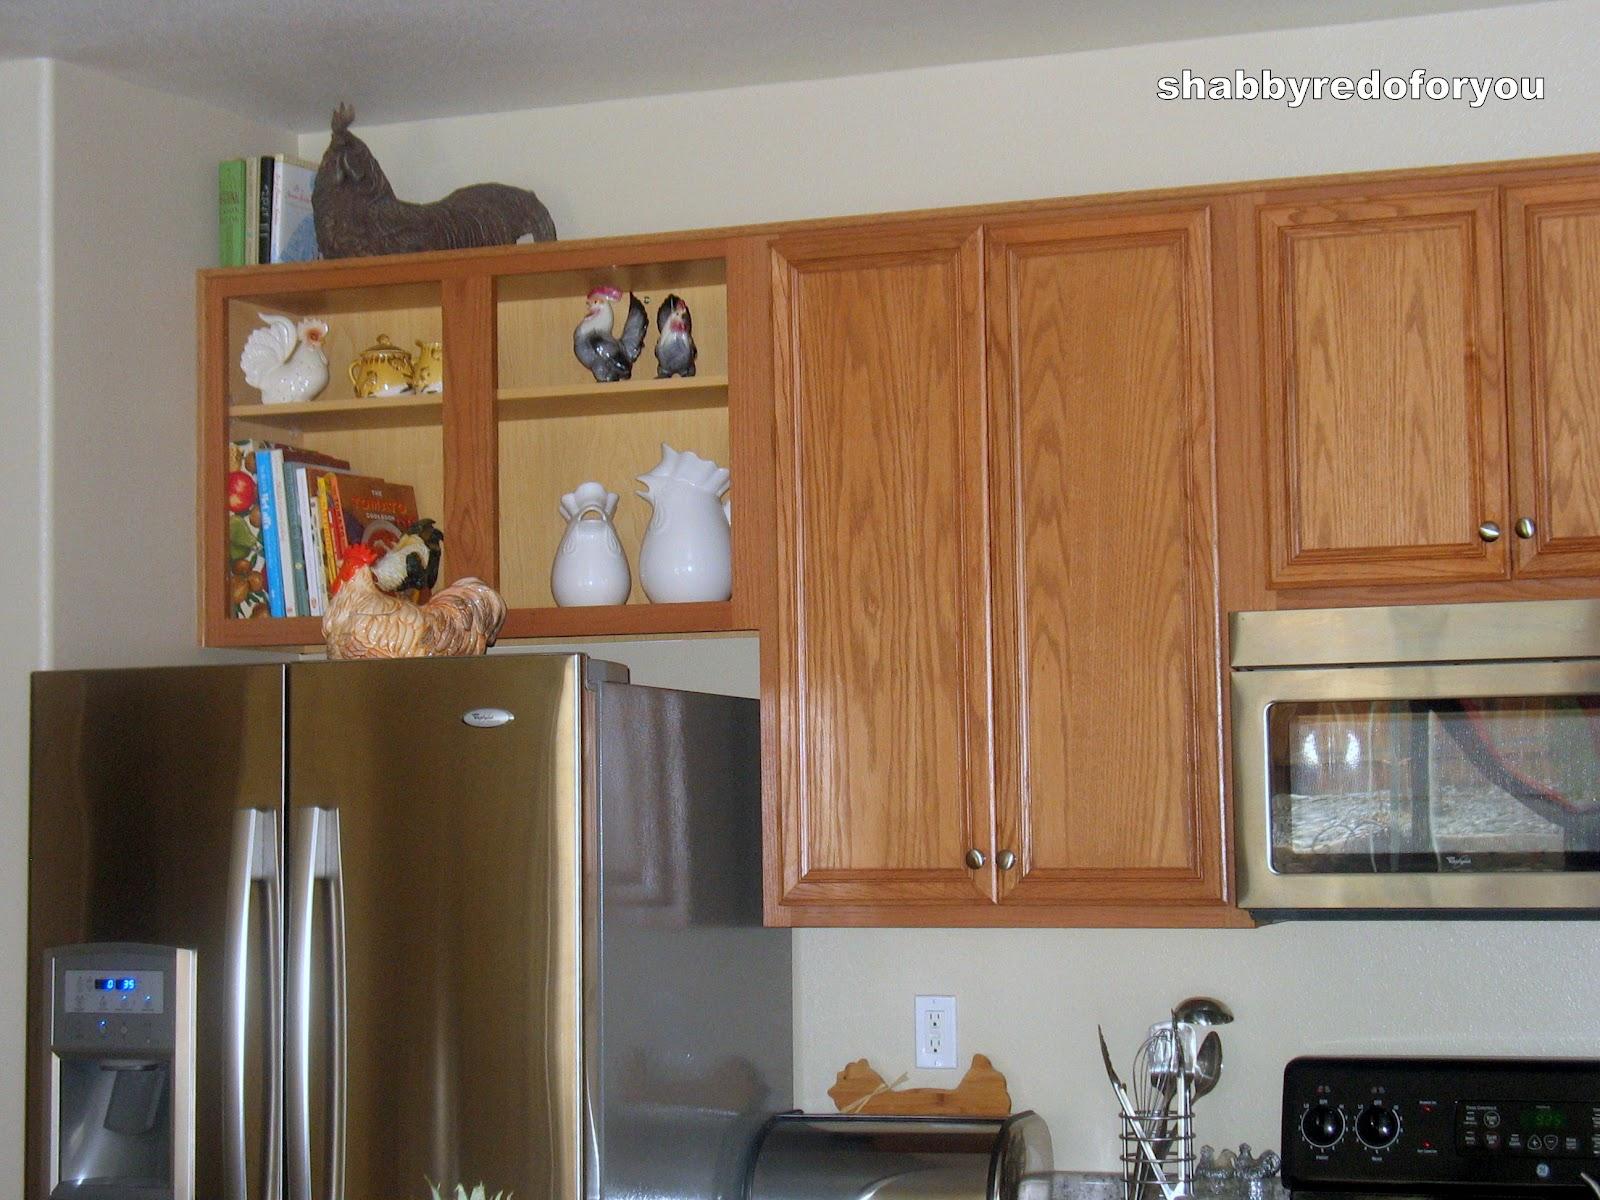 shabby redo for you kitchen cabinet diy. Black Bedroom Furniture Sets. Home Design Ideas